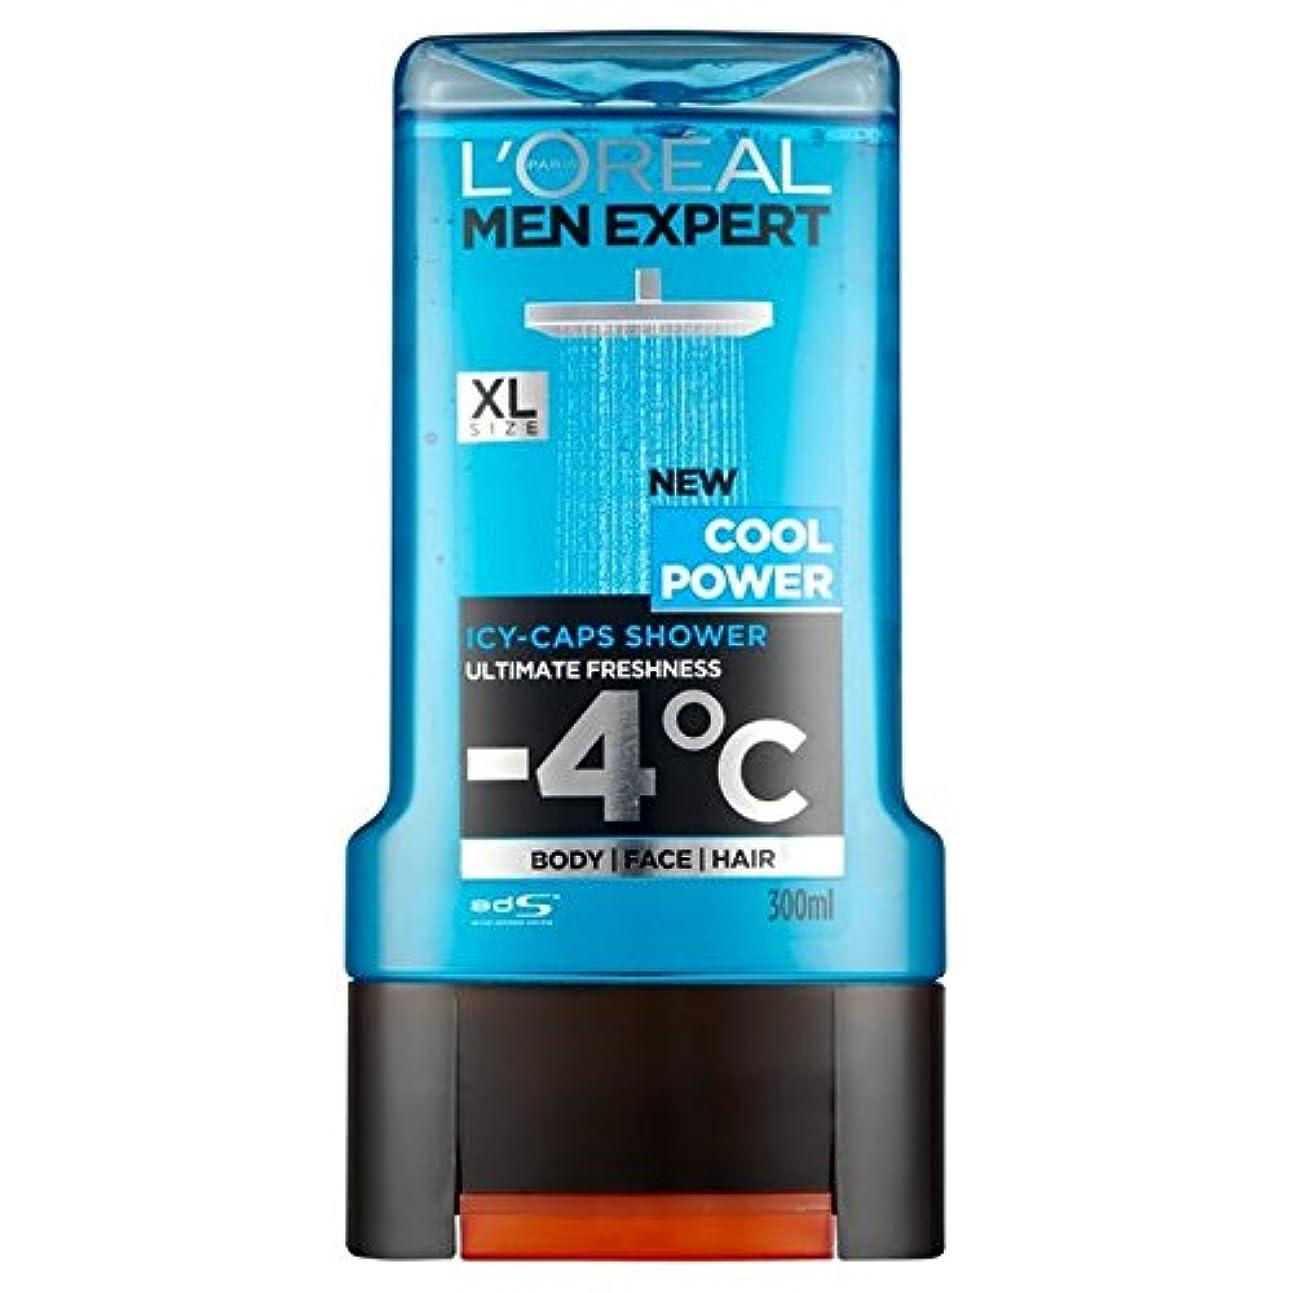 雄大な十分にプラカードL'Oreal Paris Men Expert Cool Power Shower Gel 300ml - ロレアルパリの男性の専門家のクールなパワーシャワージェル300ミリリットル [並行輸入品]